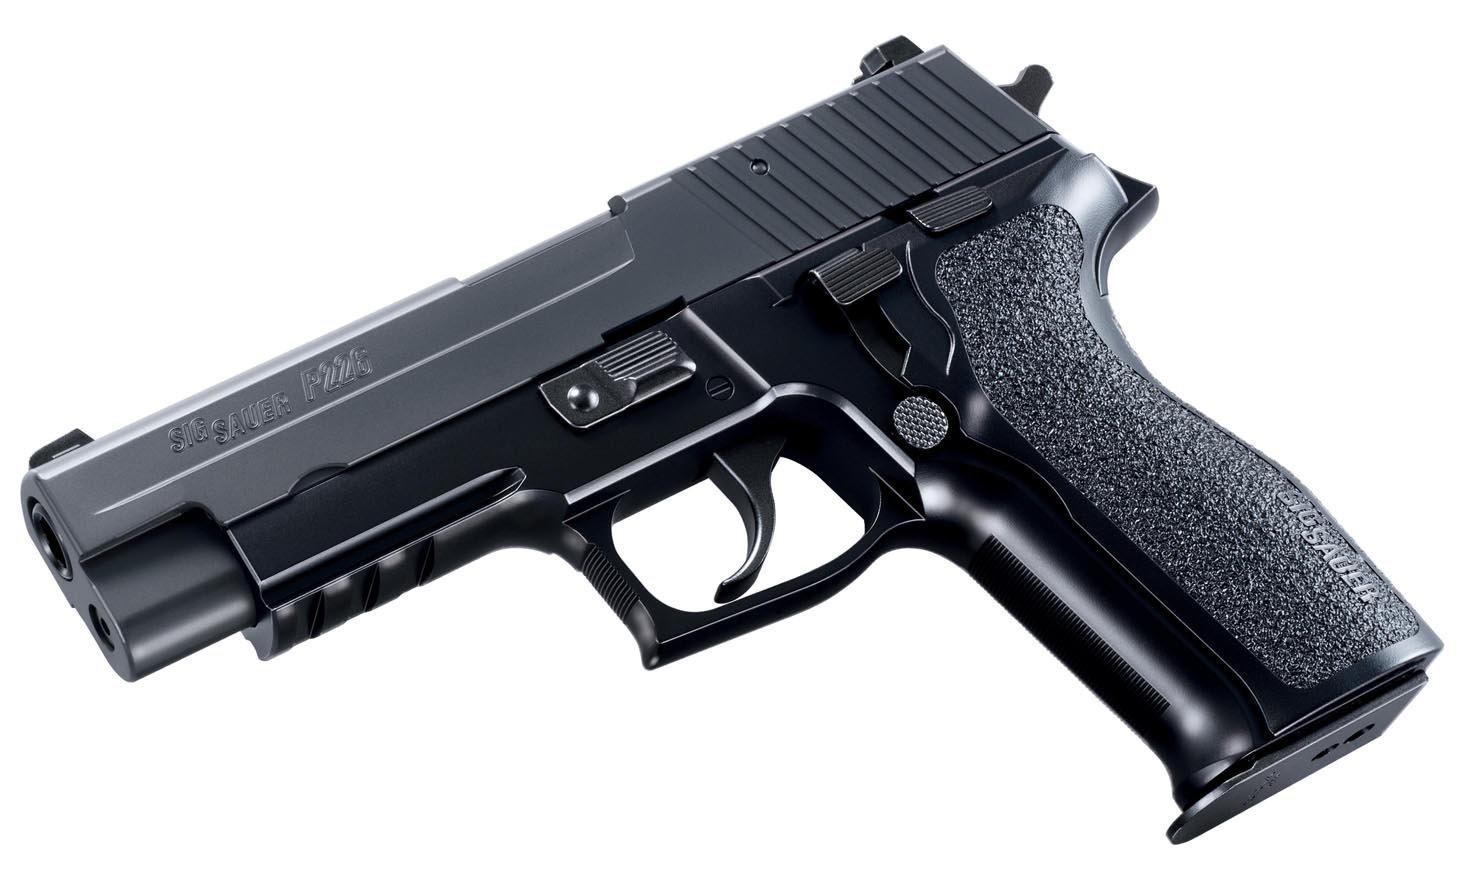 東京マルイ ガスガン シグザウエル P226E2 SIG ピストル SAUER ガス銃 | TOKYO 抹消 MARUI ハンドガン 抹消 ピストル ガス銃 18才以上用 18歳以上用 ガスブローバック, アイネットSHOP:a6146bd9 --- officewill.xsrv.jp